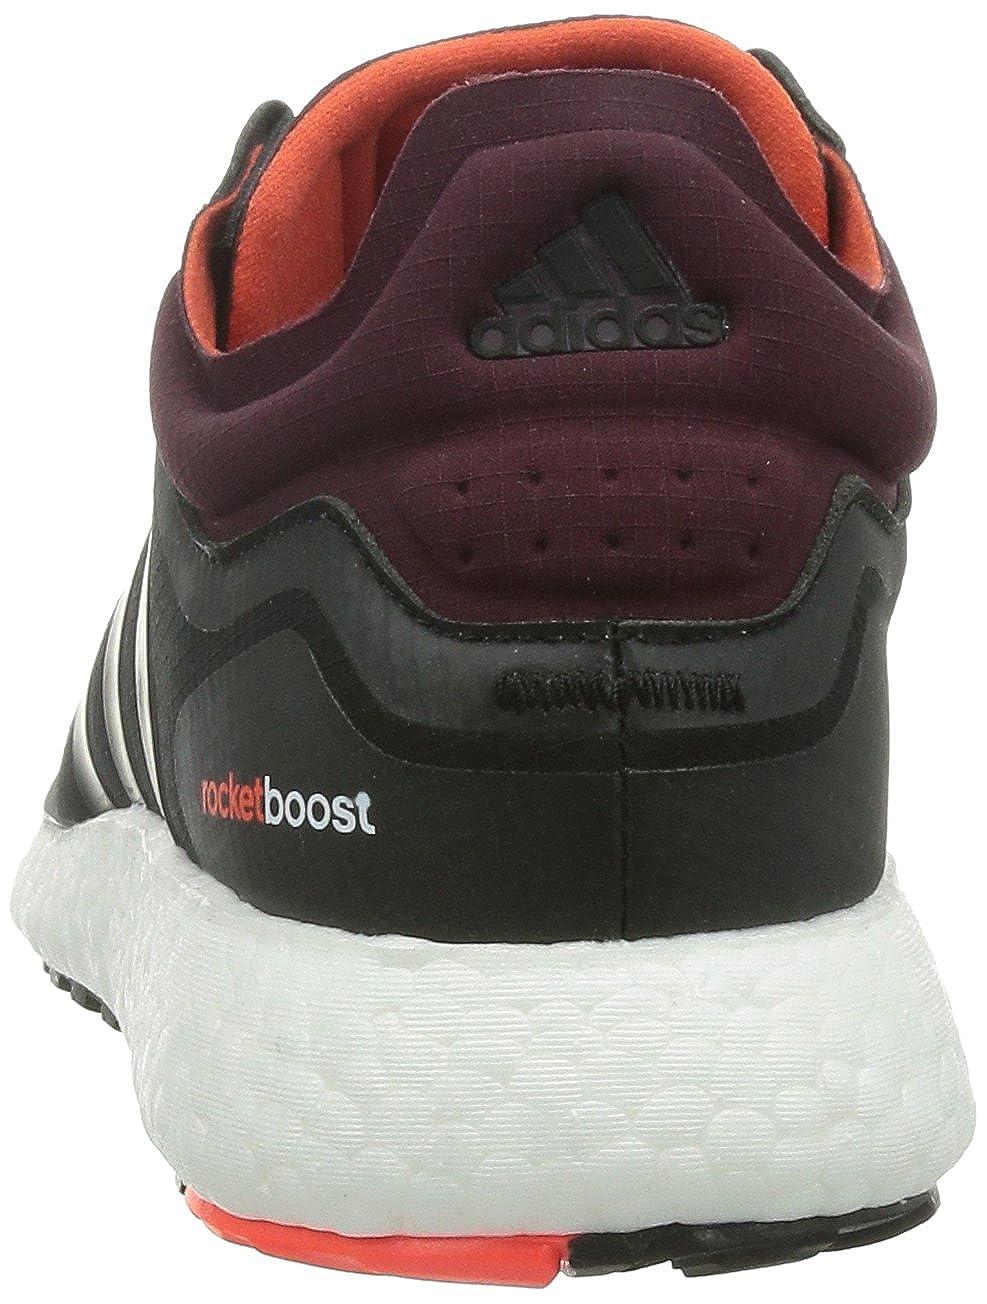 separation shoes 14287 27ded adidas CH Rocket Boost W - Zapatillas para Mujer, Color Negro Rojo, Talla  39 1 3  Amazon.es  Zapatos y complementos